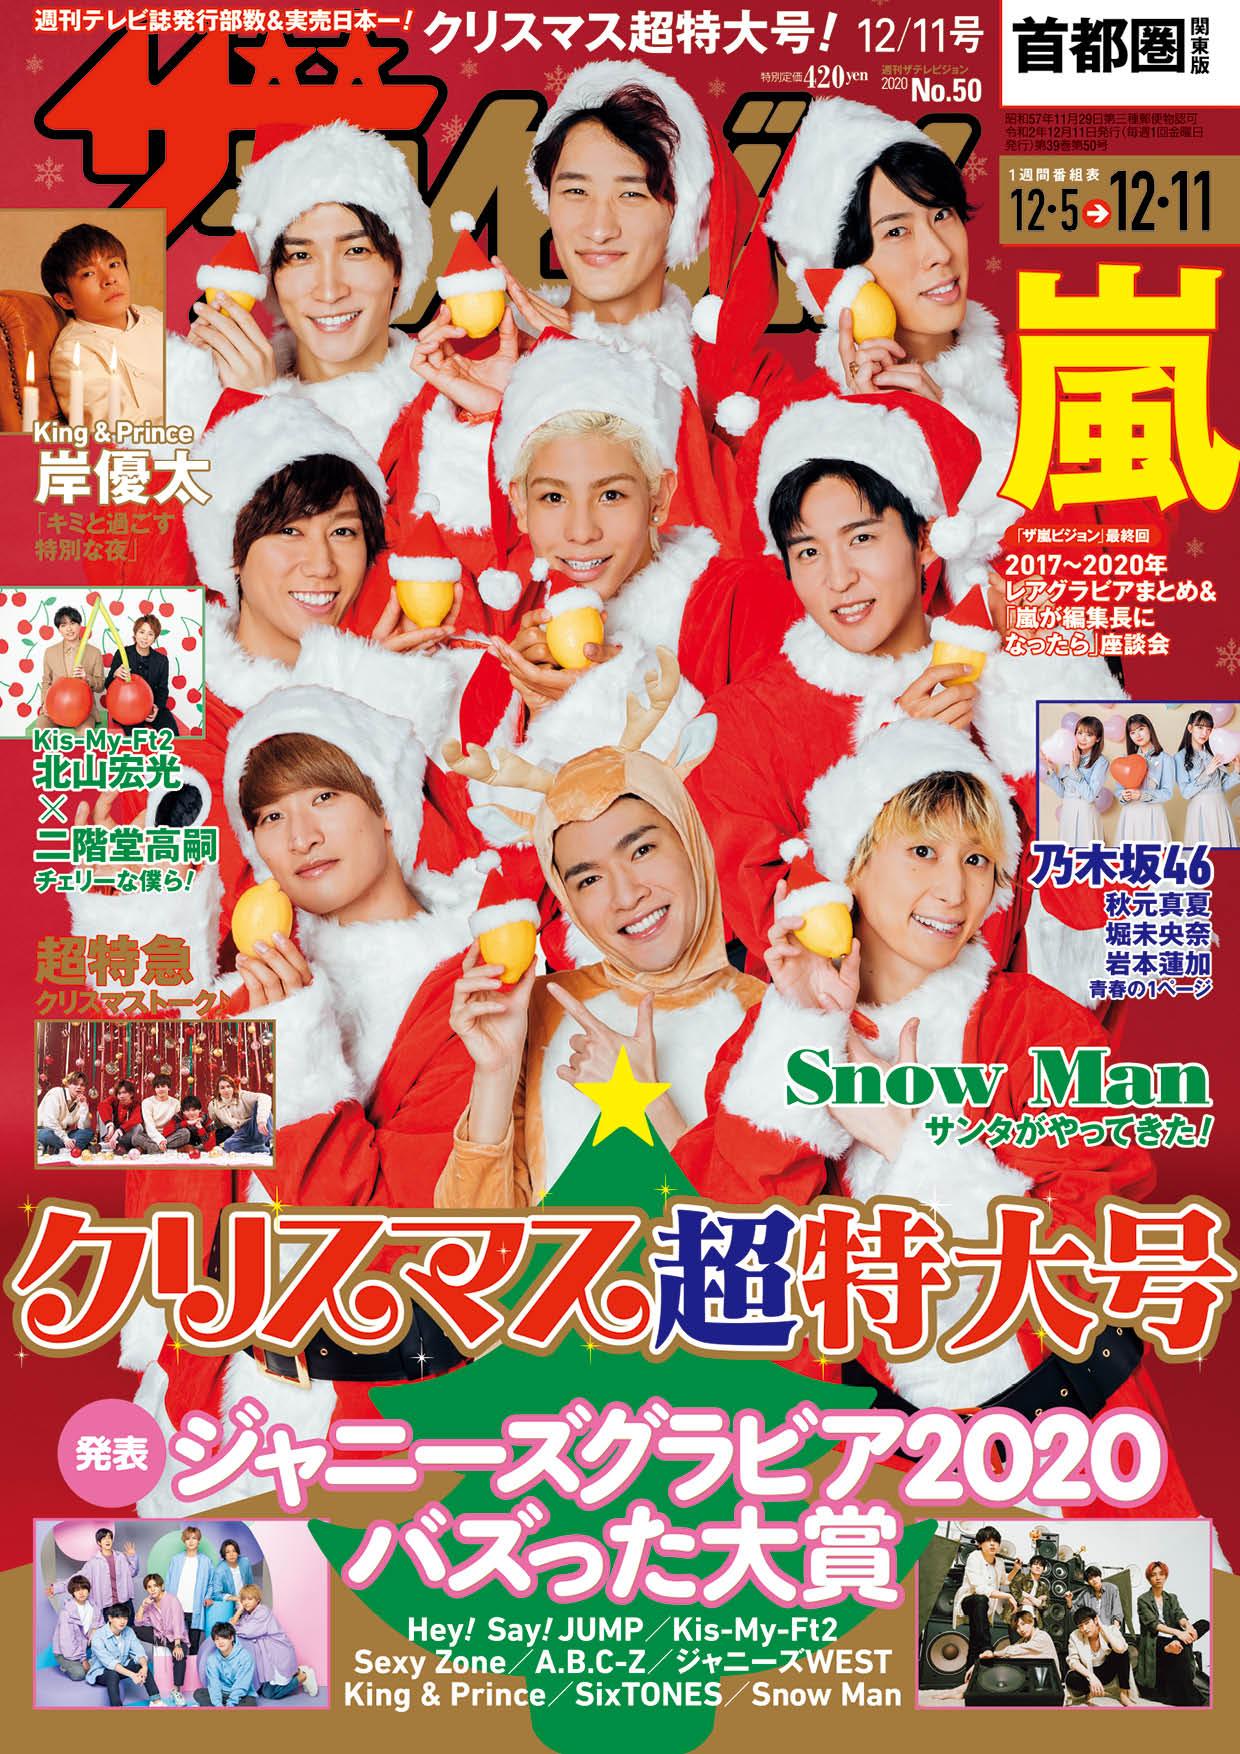 ザテレビジョン 首都圏関東版 2020年12/11号 420円